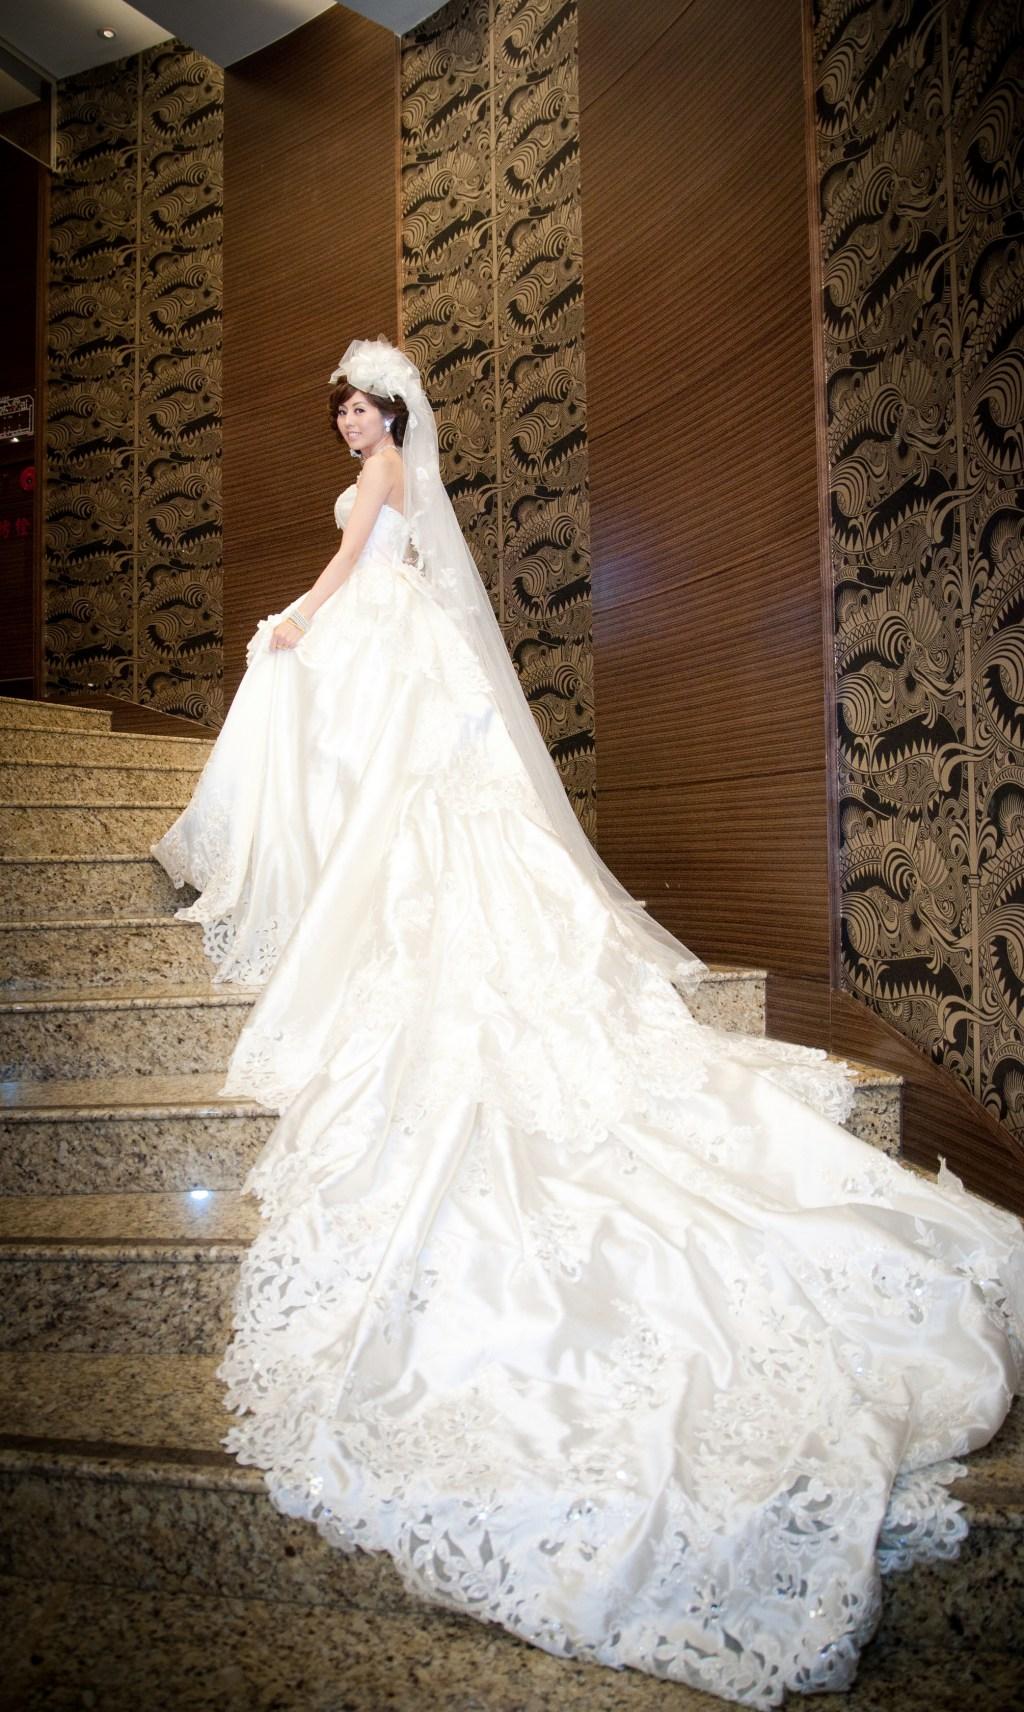 台北婚攝推薦, 婚禮攝影    婚攝 推薦 婚攝作品集   婚禮記錄 臺北婚攝